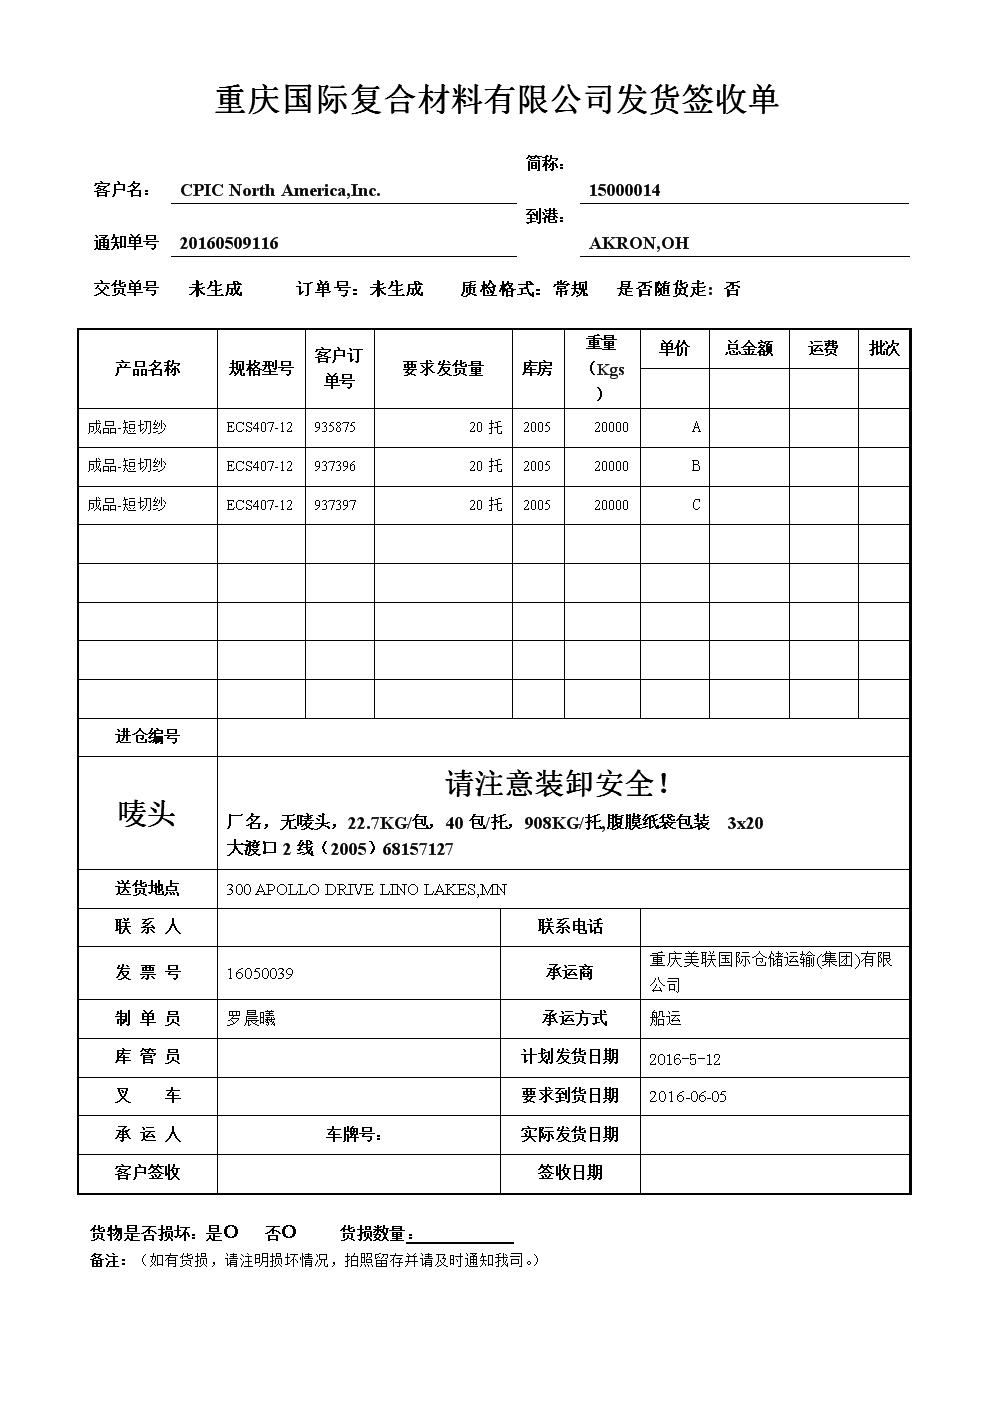 16050039大渡口发货签收单.doc